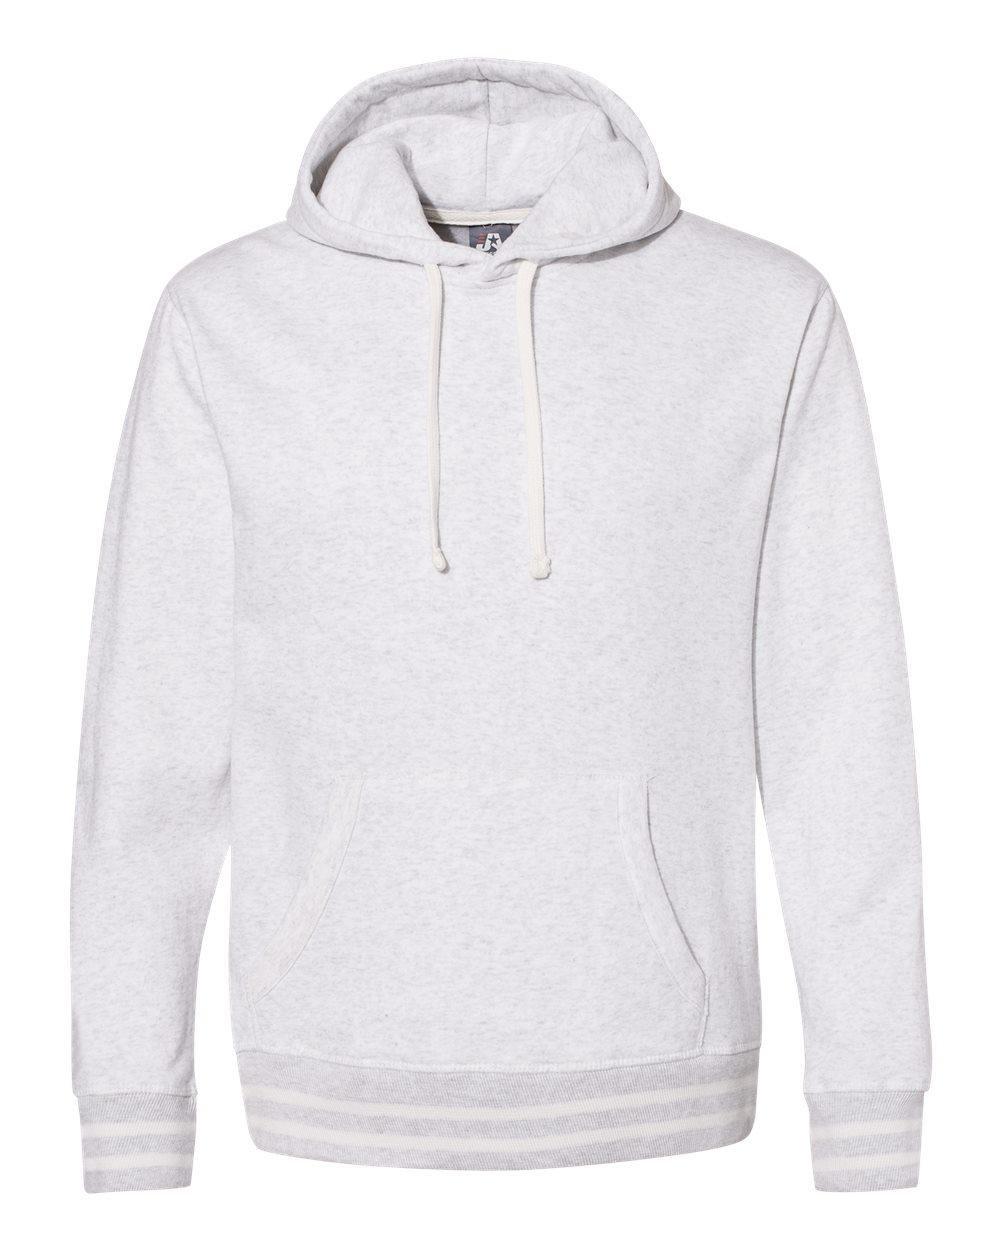 J. America - 8649 - Relay Fleece Hooded Sweatshirt